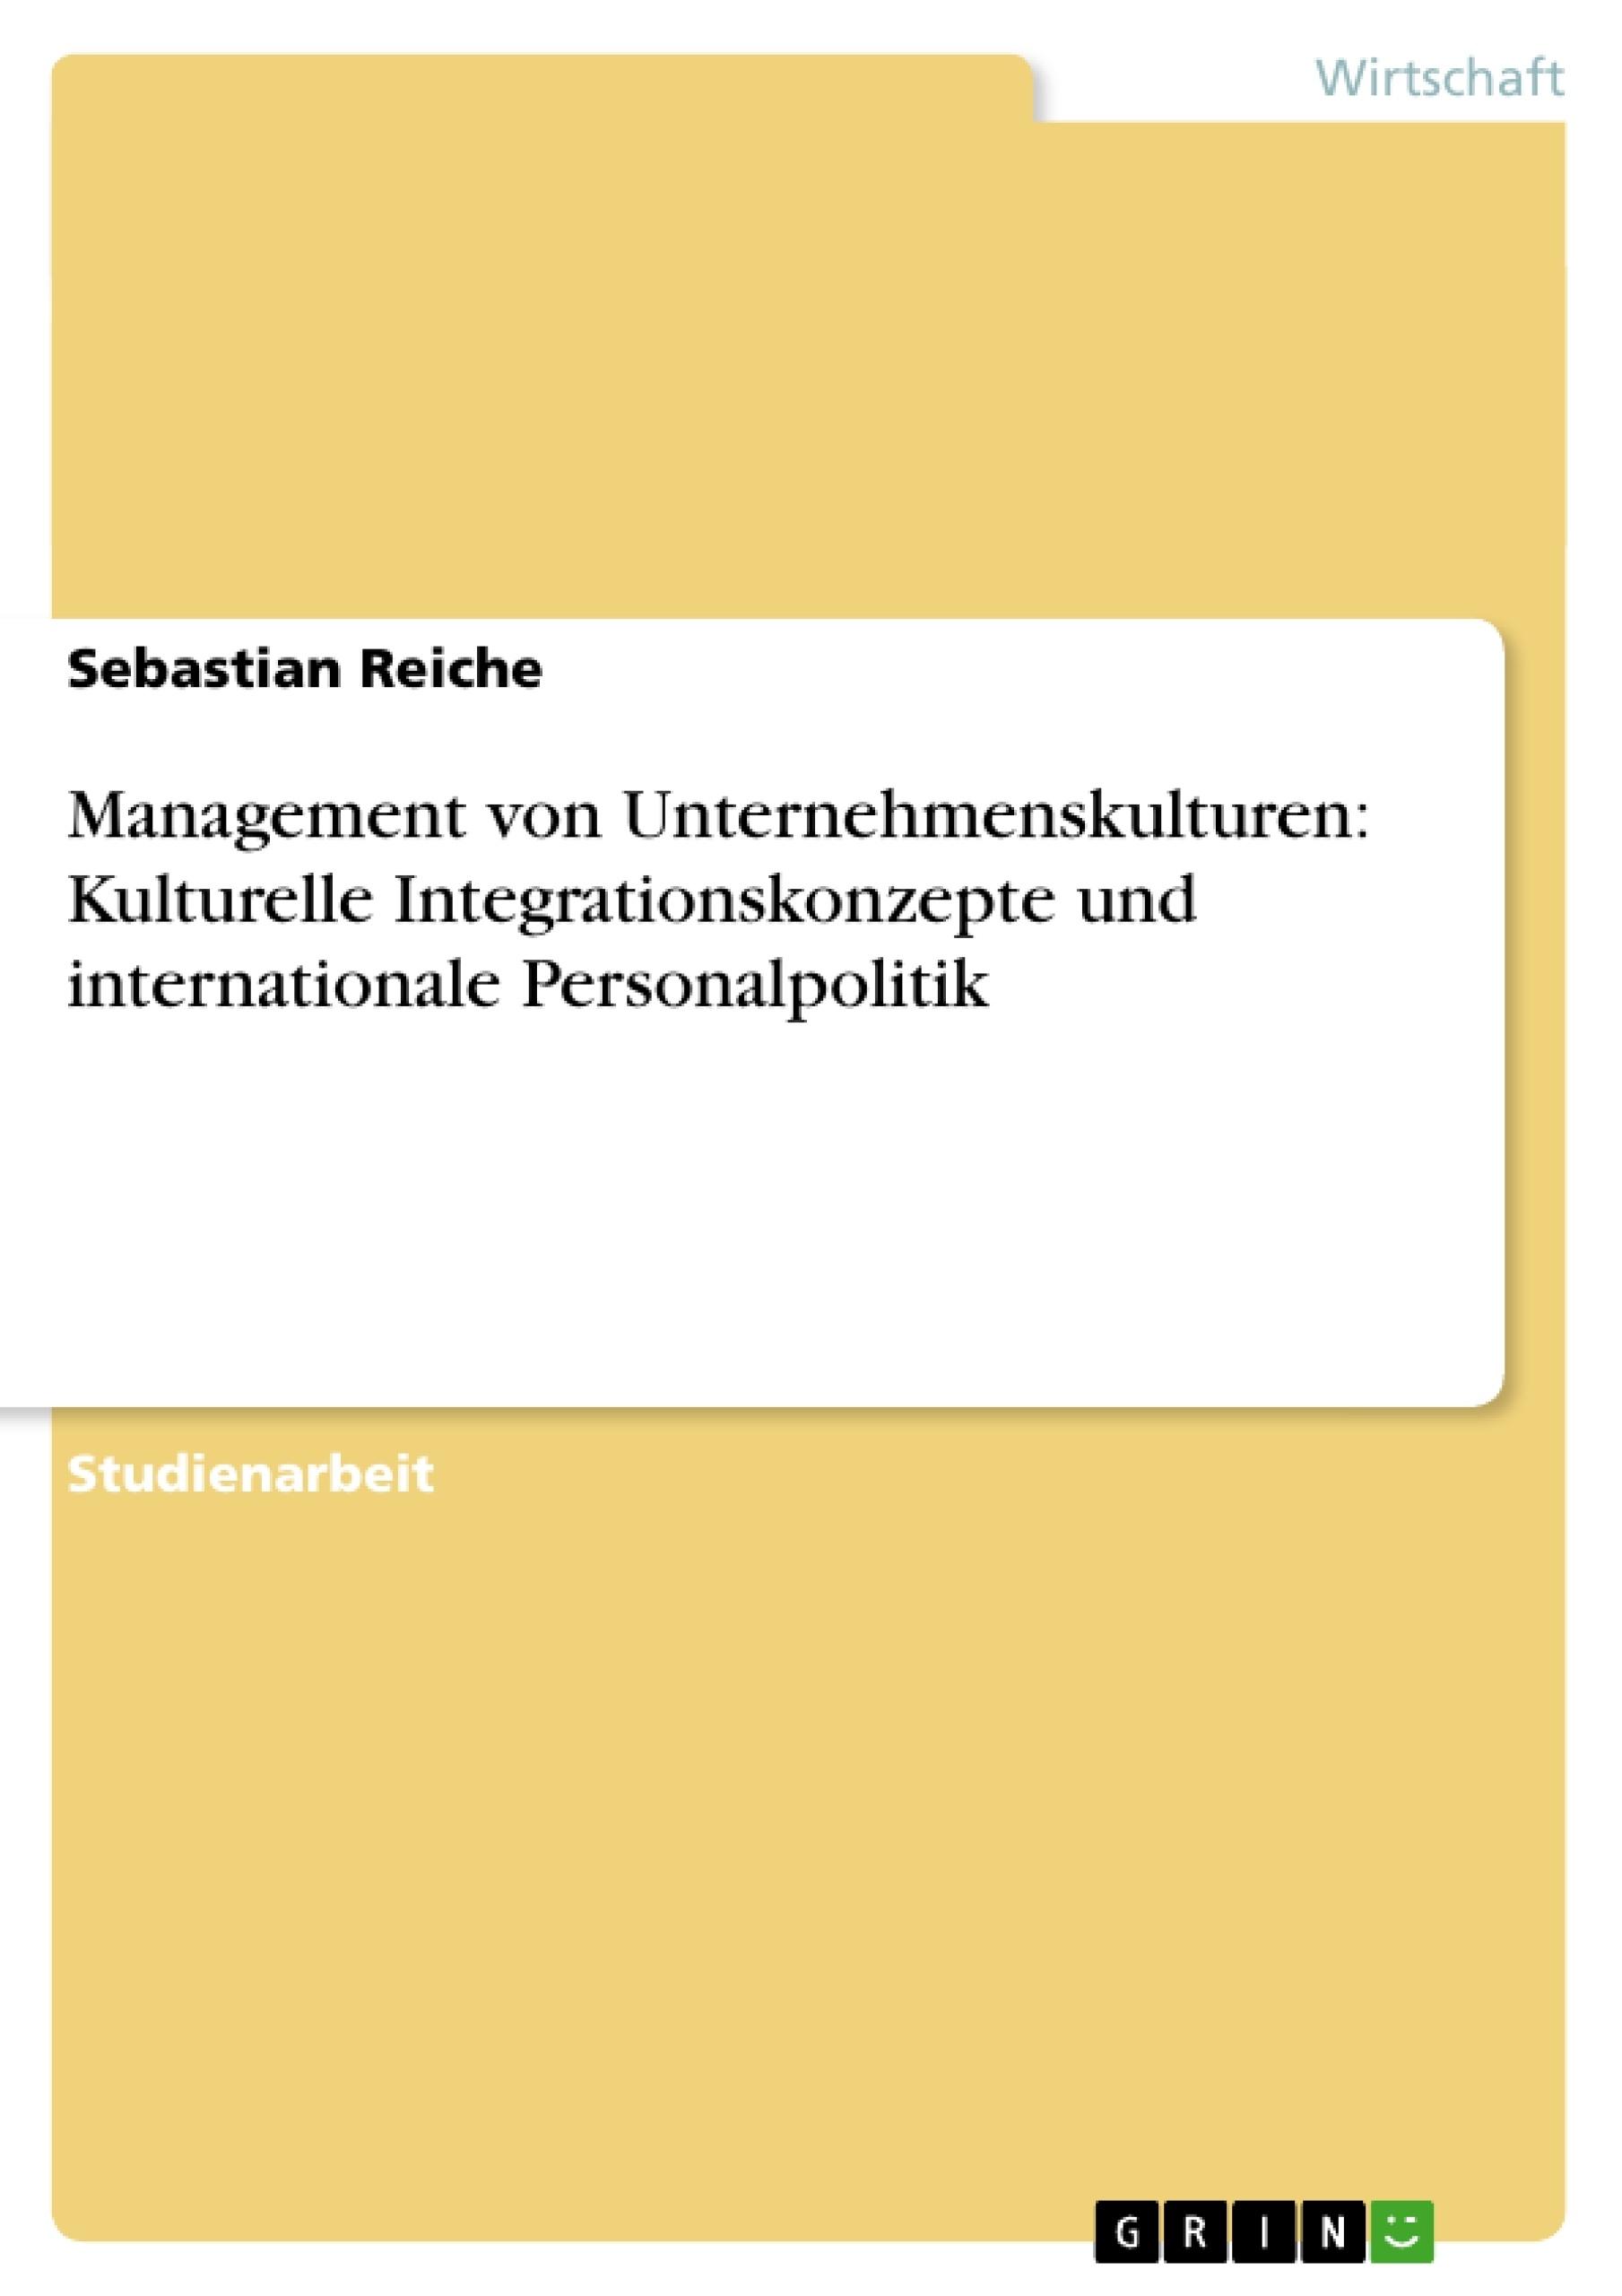 Titel: Management von Unternehmenskulturen: Kulturelle Integrationskonzepte und internationale Personalpolitik